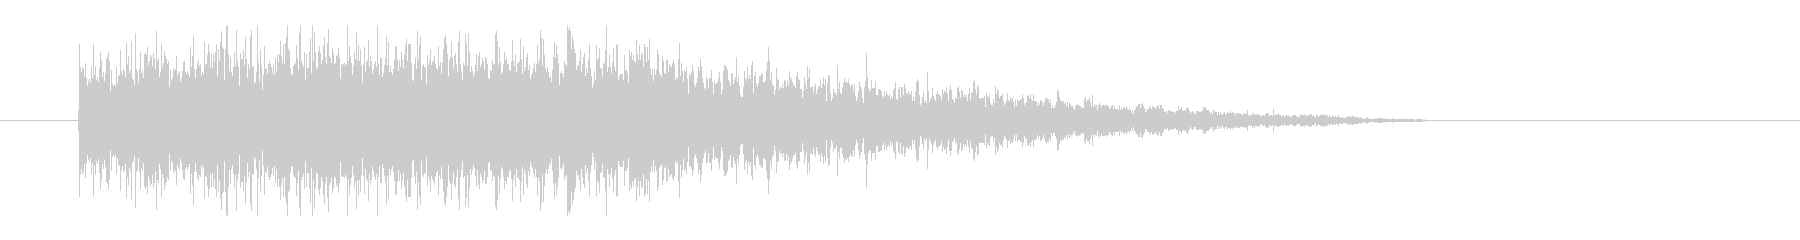 レーザー音-76-3の未再生の波形